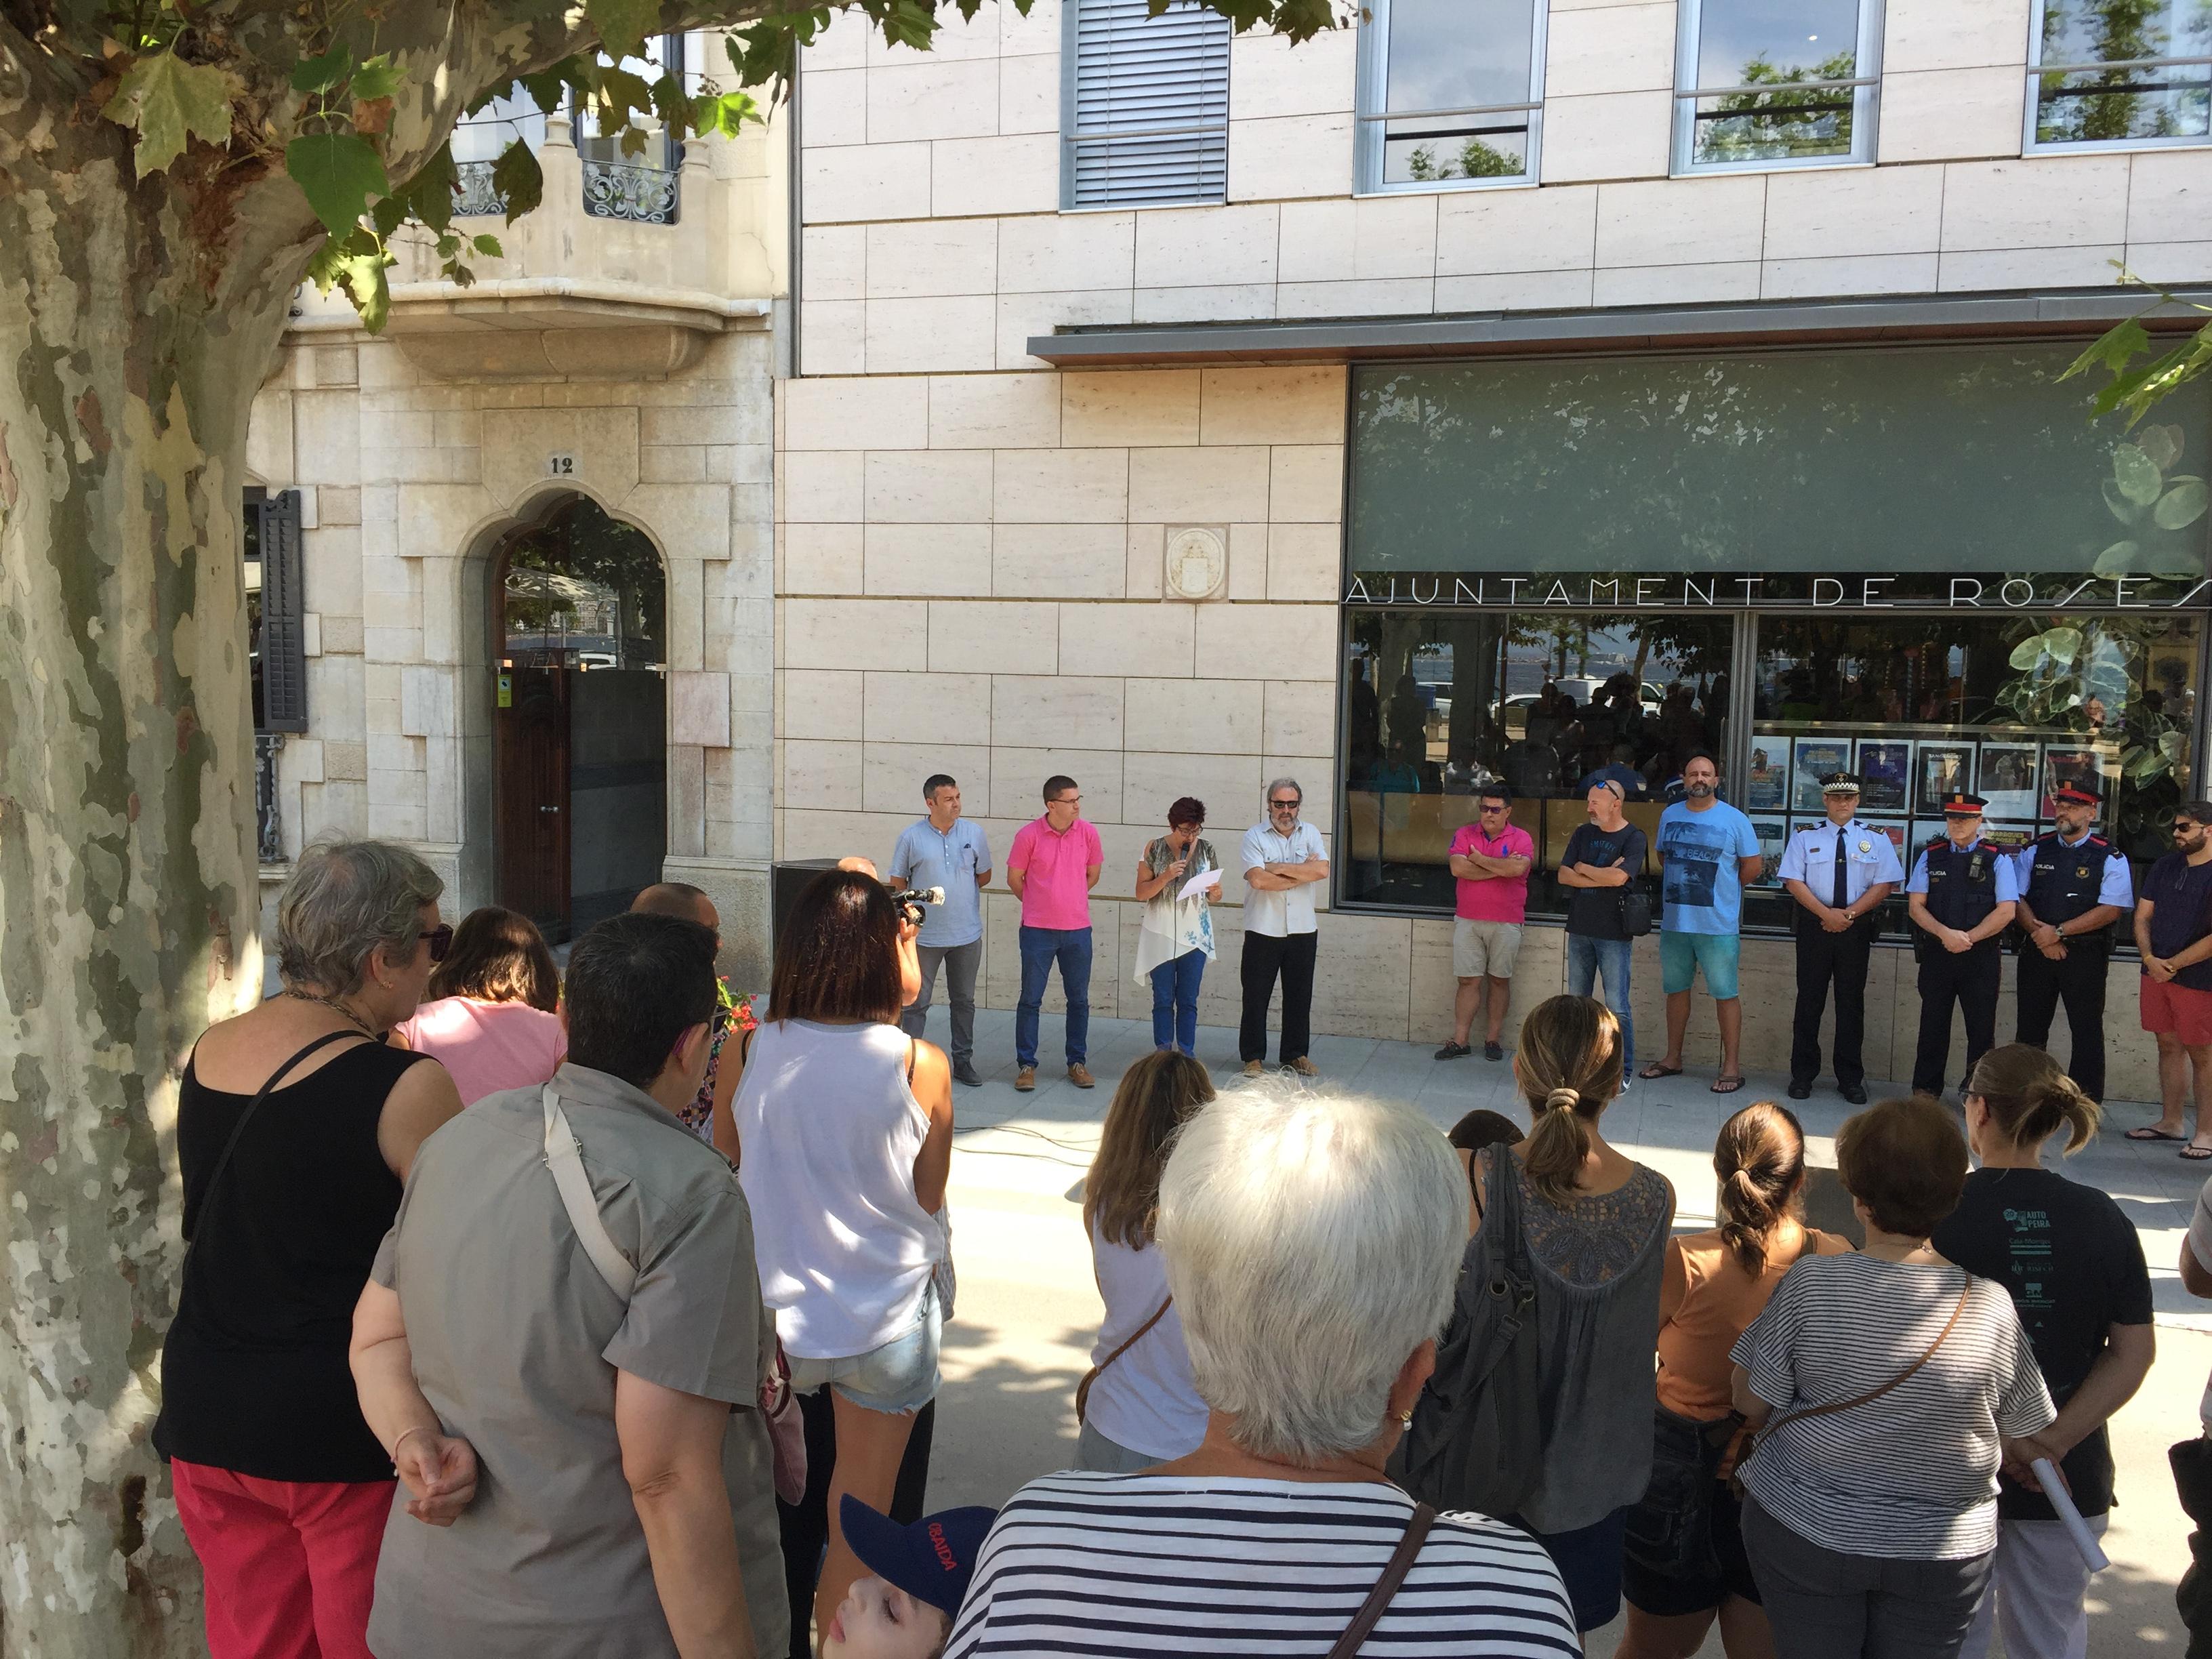 Roses ret homenatge a les víctimes dels atemptats de Barcelona i Cambrils